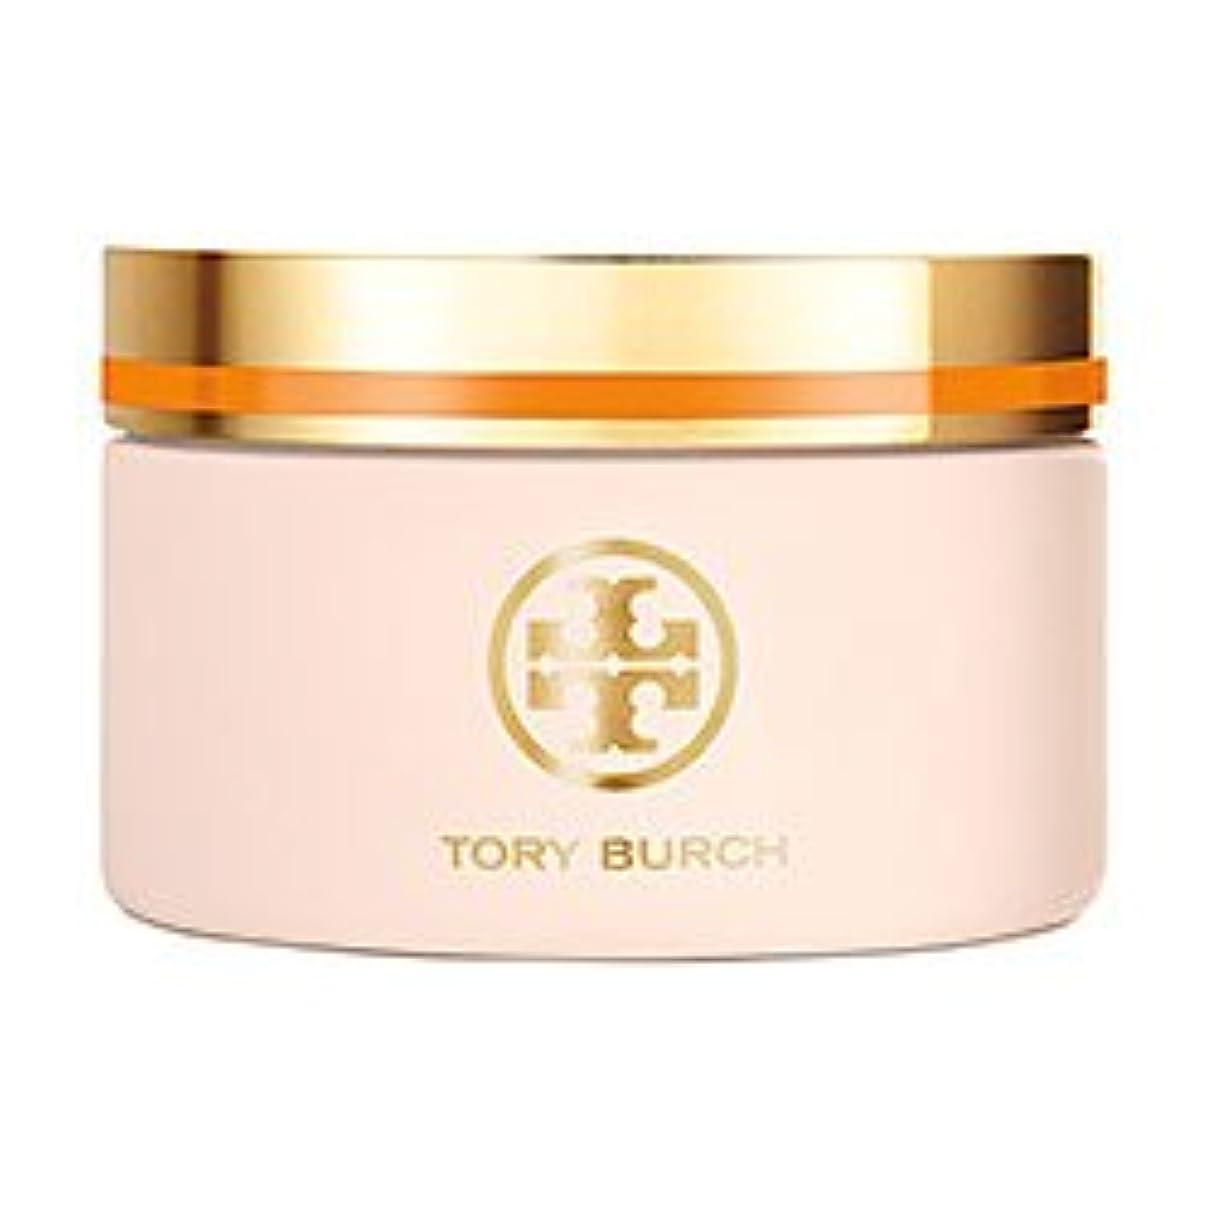 センブランスカトリック教徒非武装化Tory Burch (トリー バーチ) 6.5 oz (195ml) Body Cream (ボディークリーム) for Women